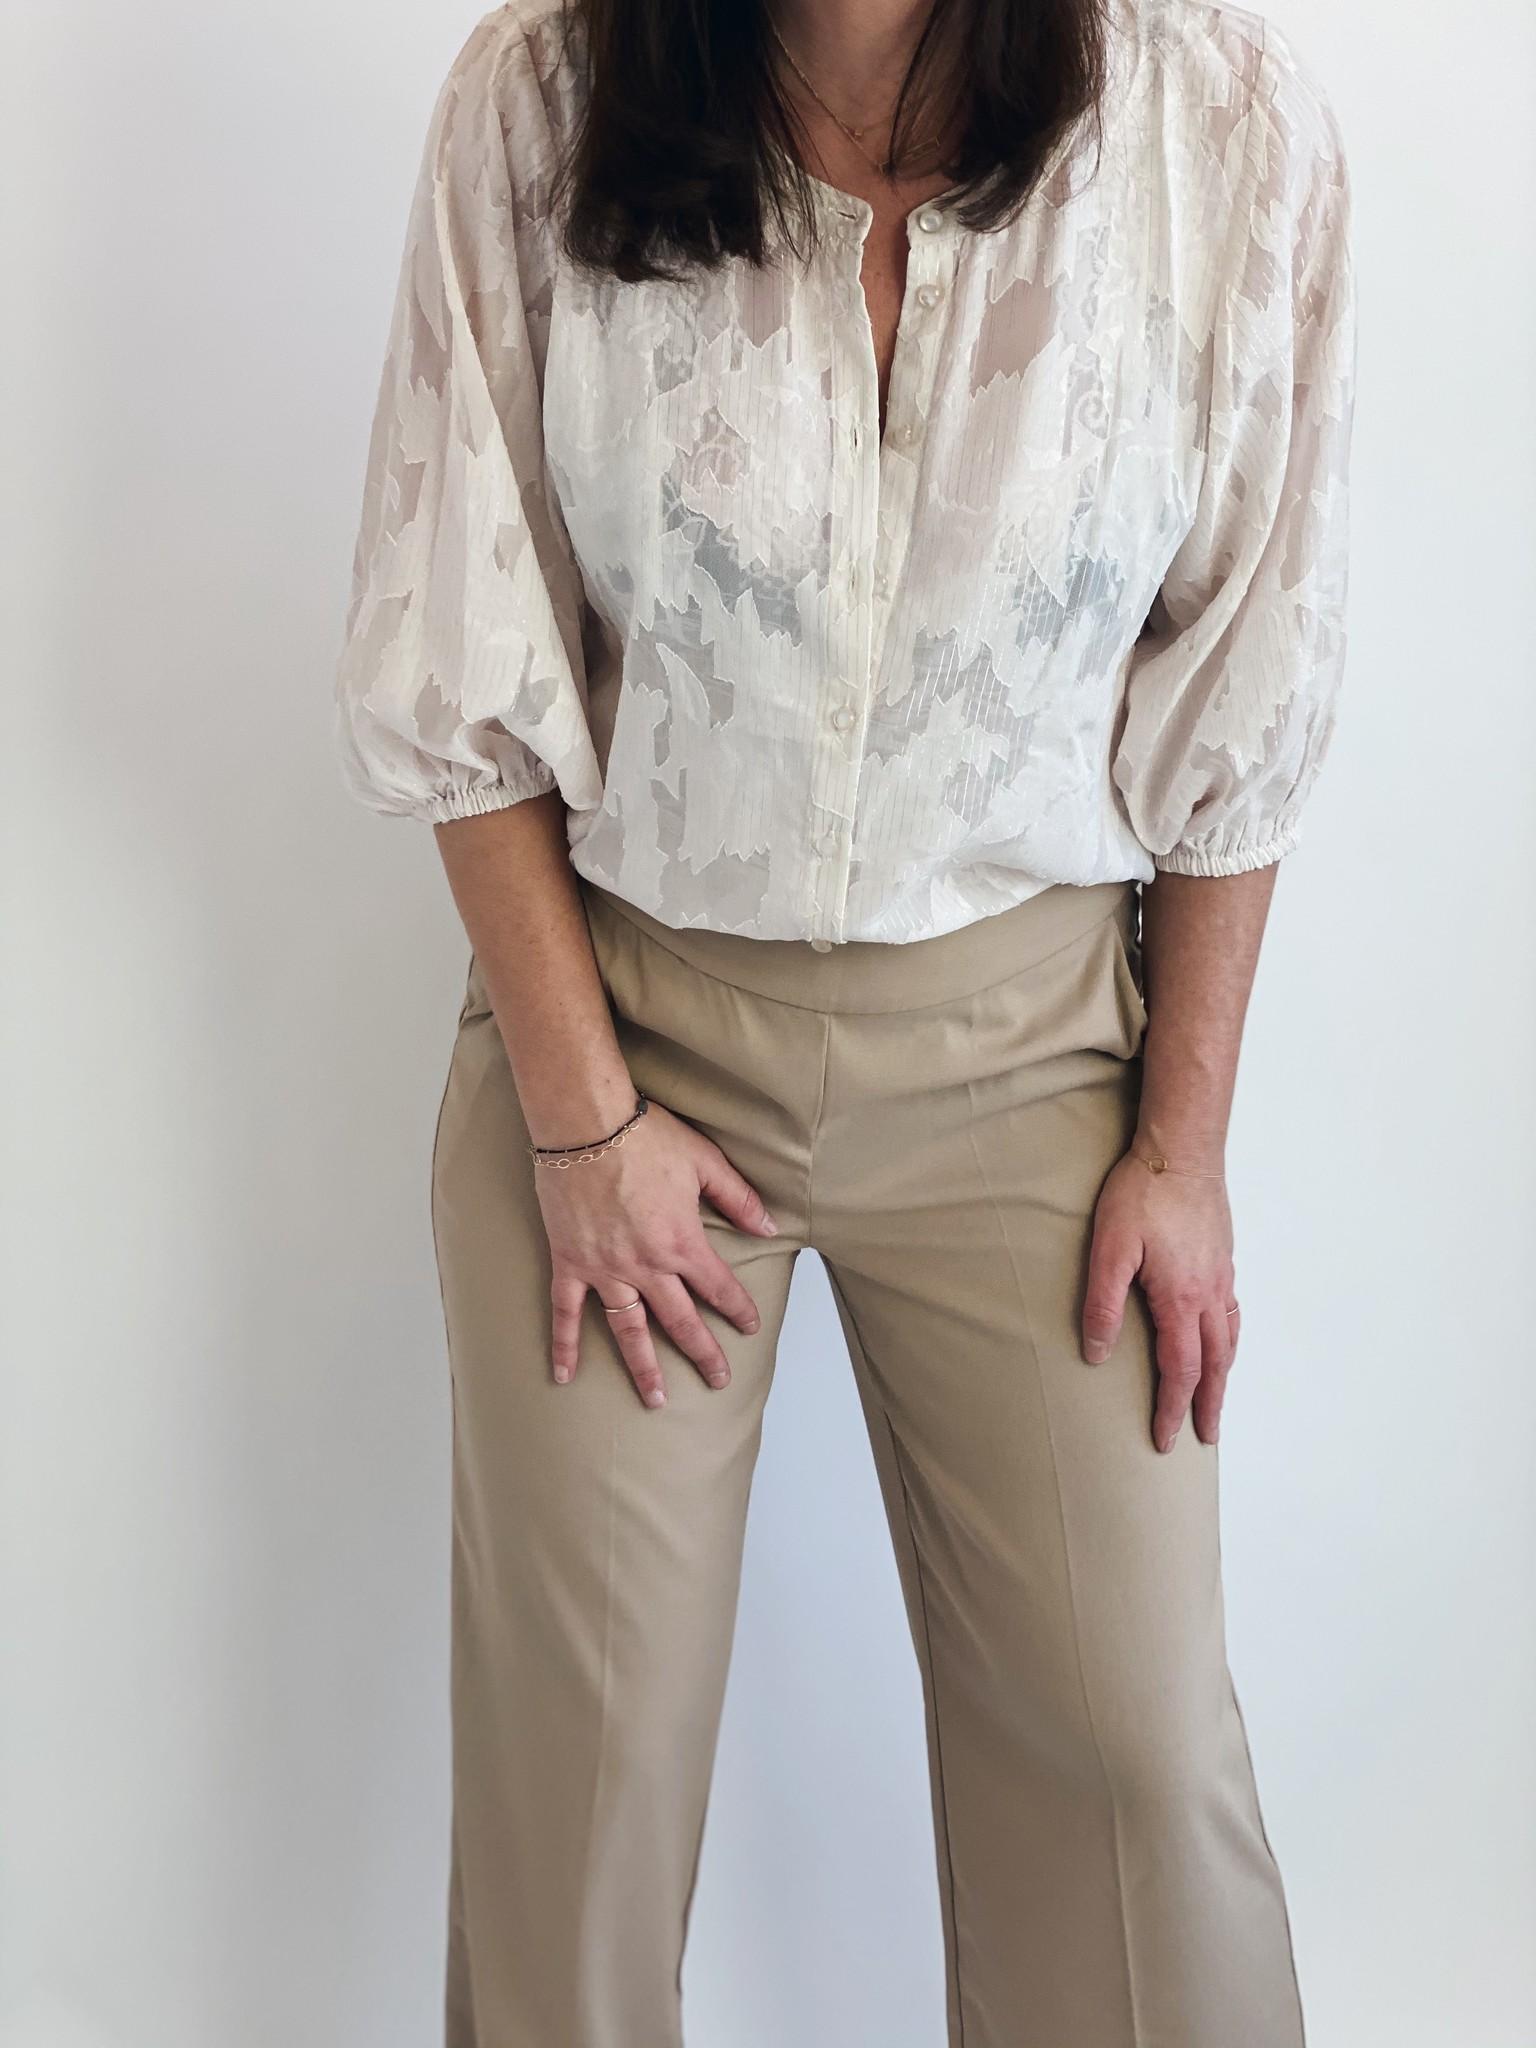 Broek KAeliama HW wide pants nomad-3